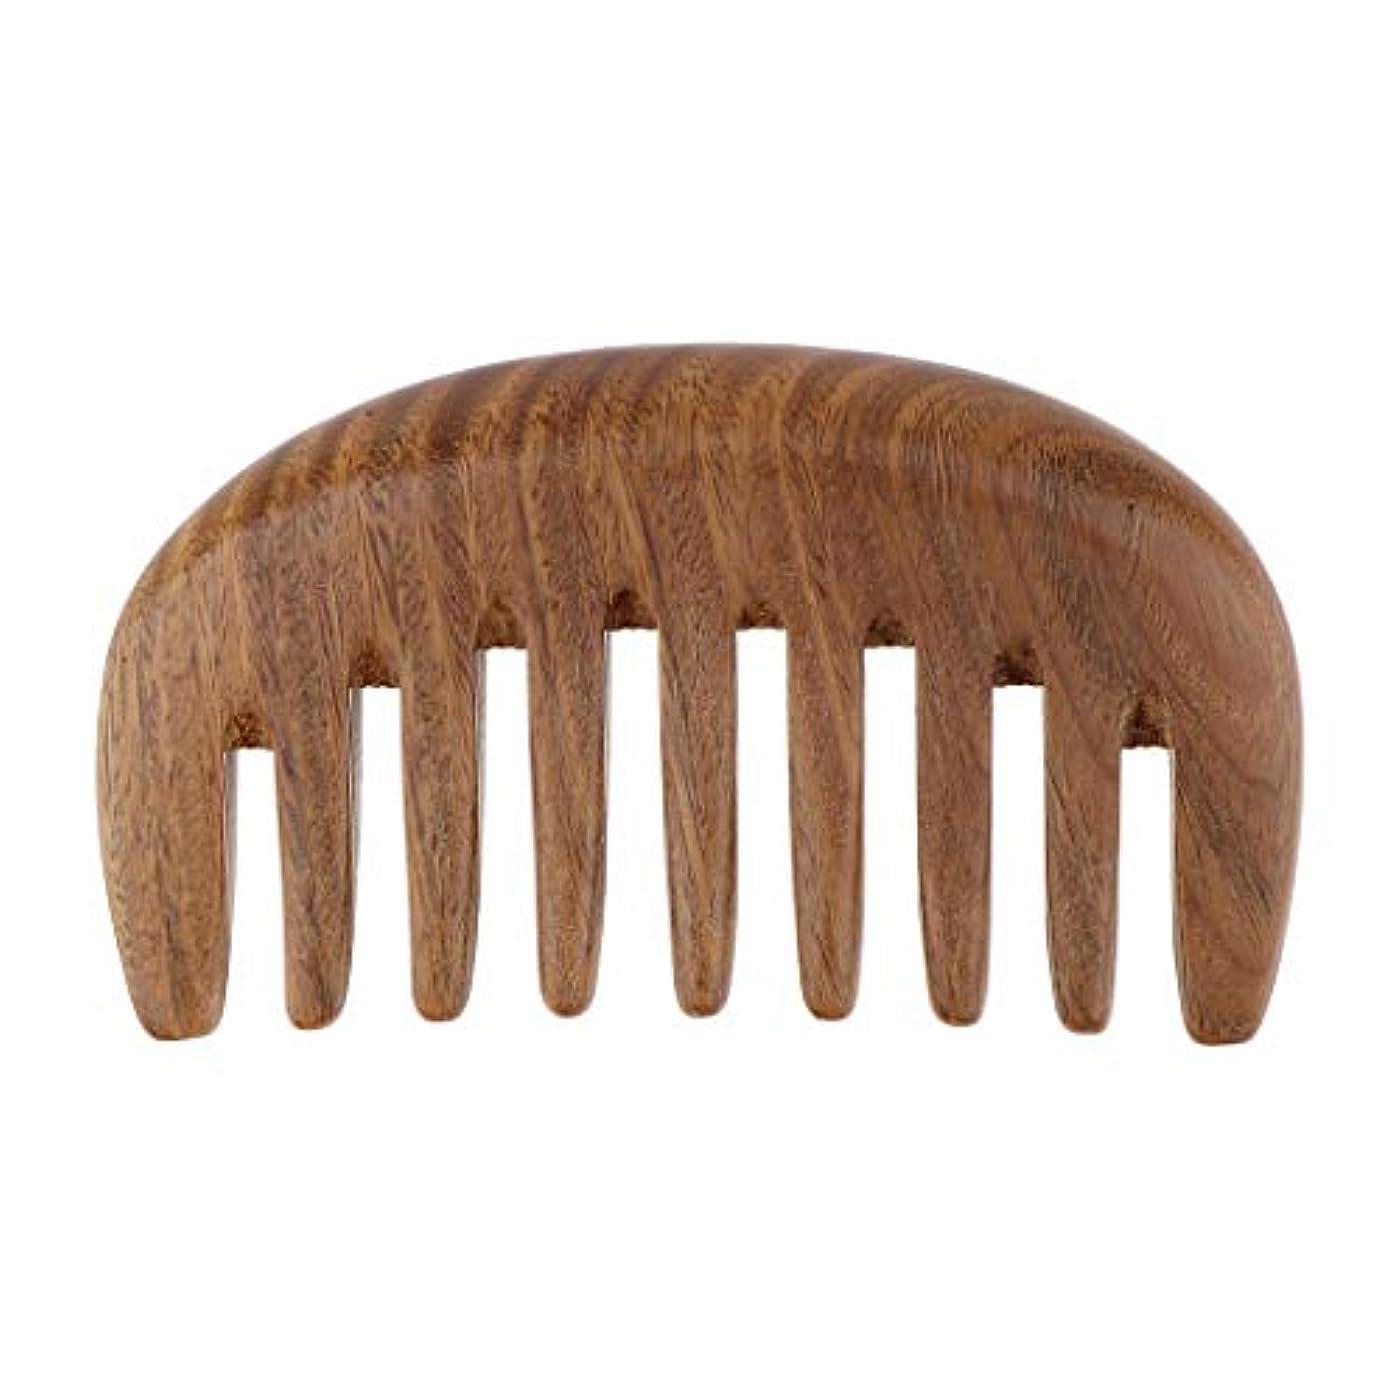 爬虫類別に充電ヘアブラシ 木製 ヘアコーム ウッドコーム 帯電防止櫛 ヘアケア くし 櫛 3色選べ - ベラウッド